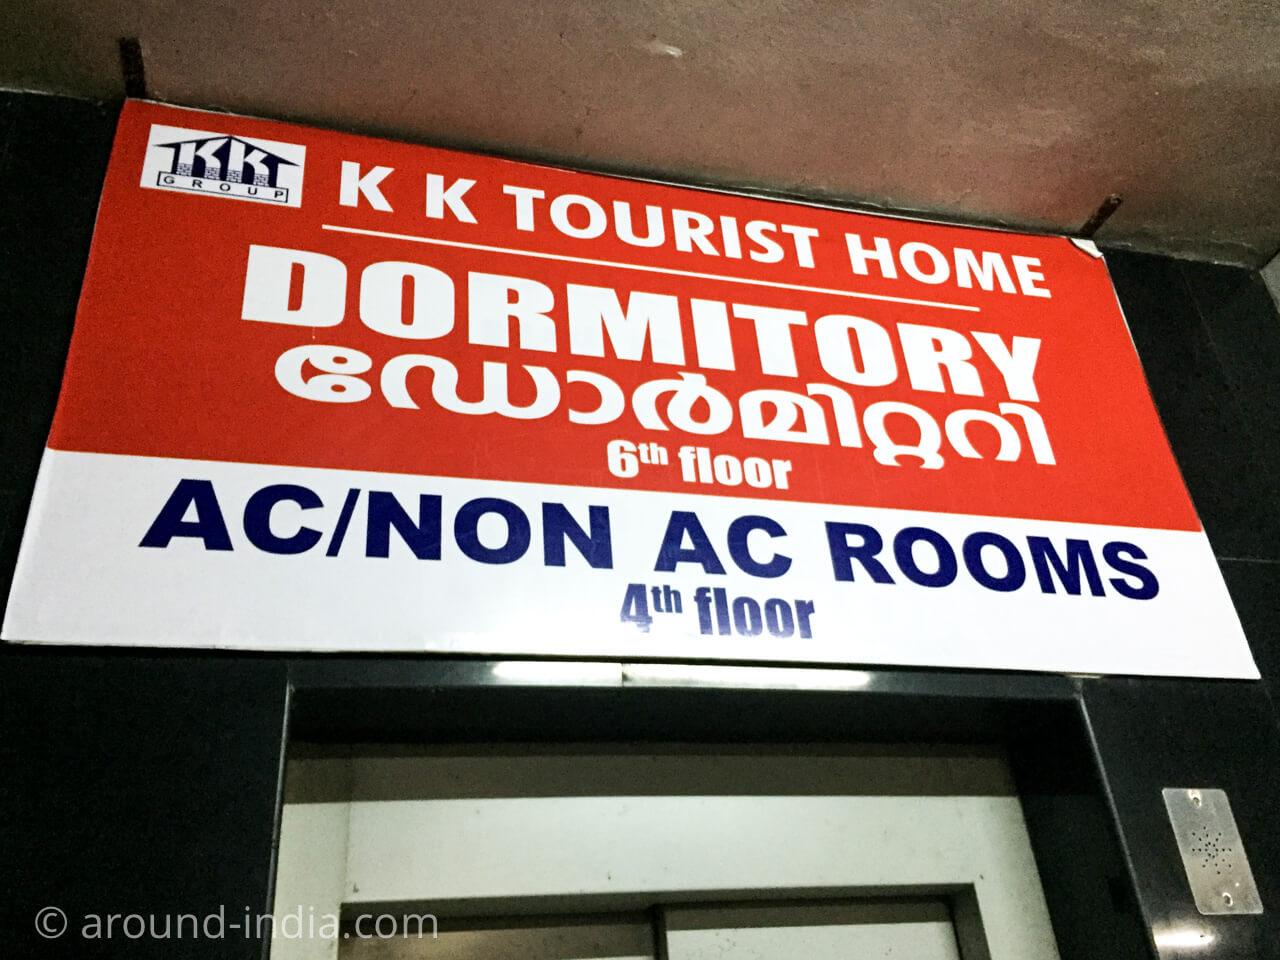 カヌール駅まで10分!ドミトリーもある割安ホテル「KK Tourist Home」|ケララ州カヌール